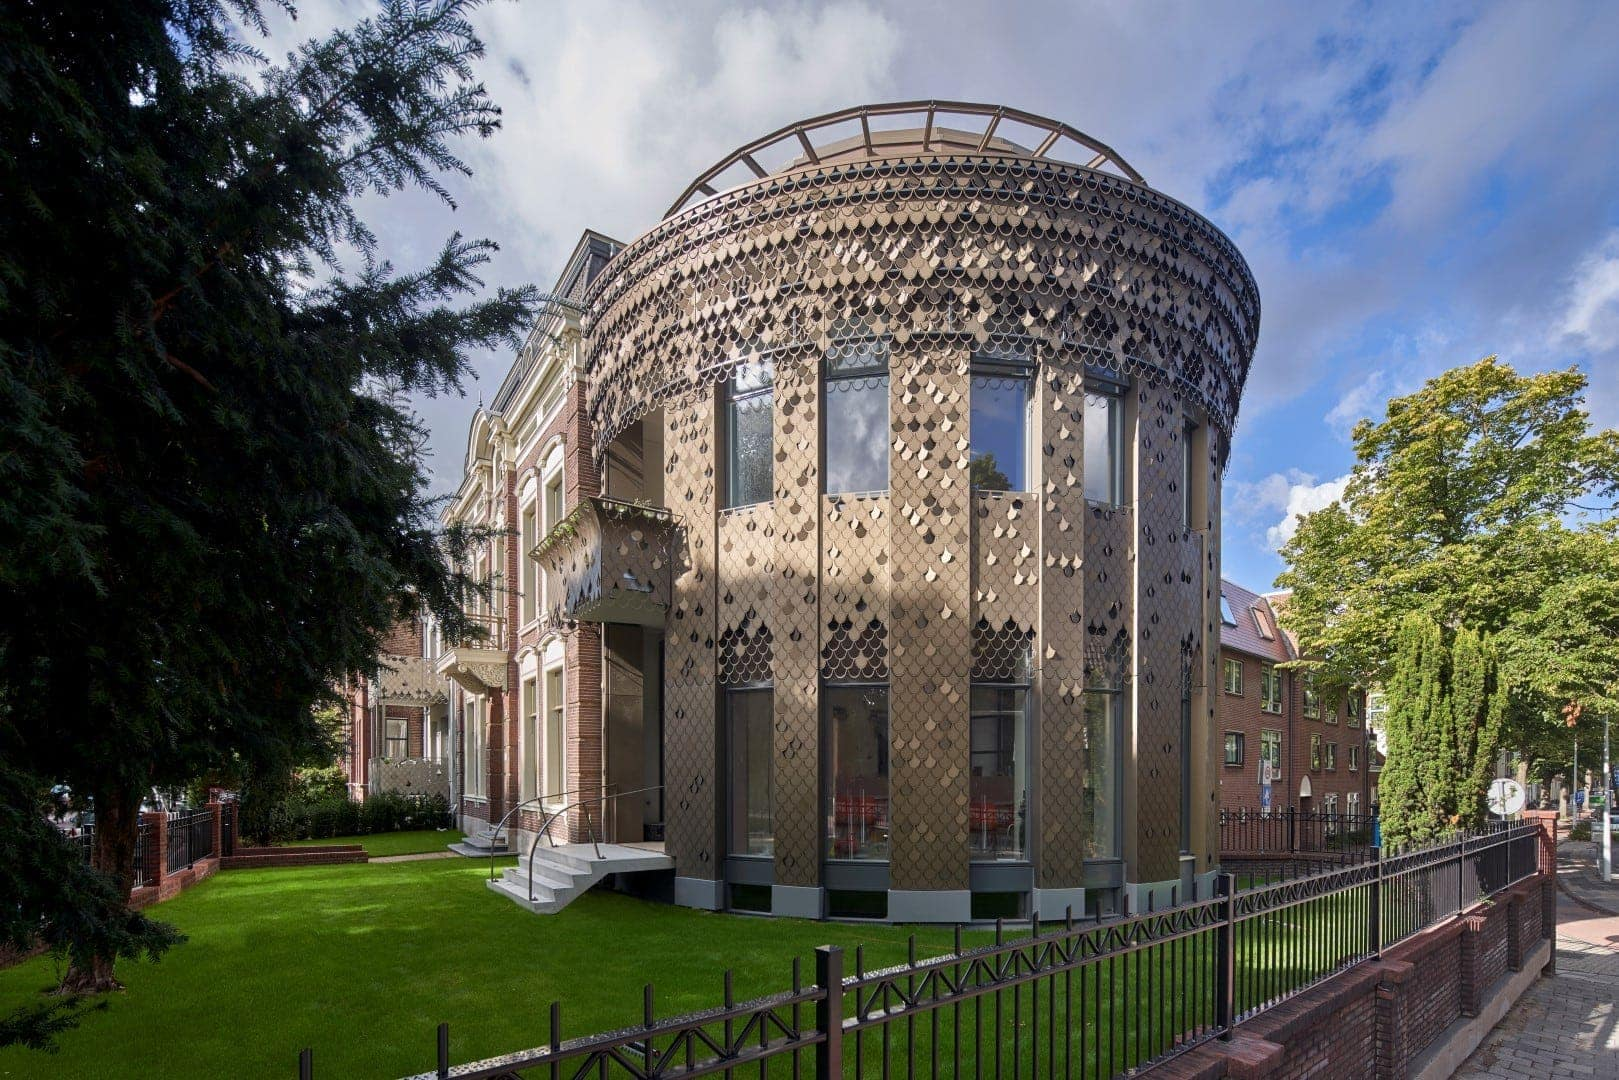 Zijaanzicht van de gevel met bladmotief van het Plantsoen in Leiden